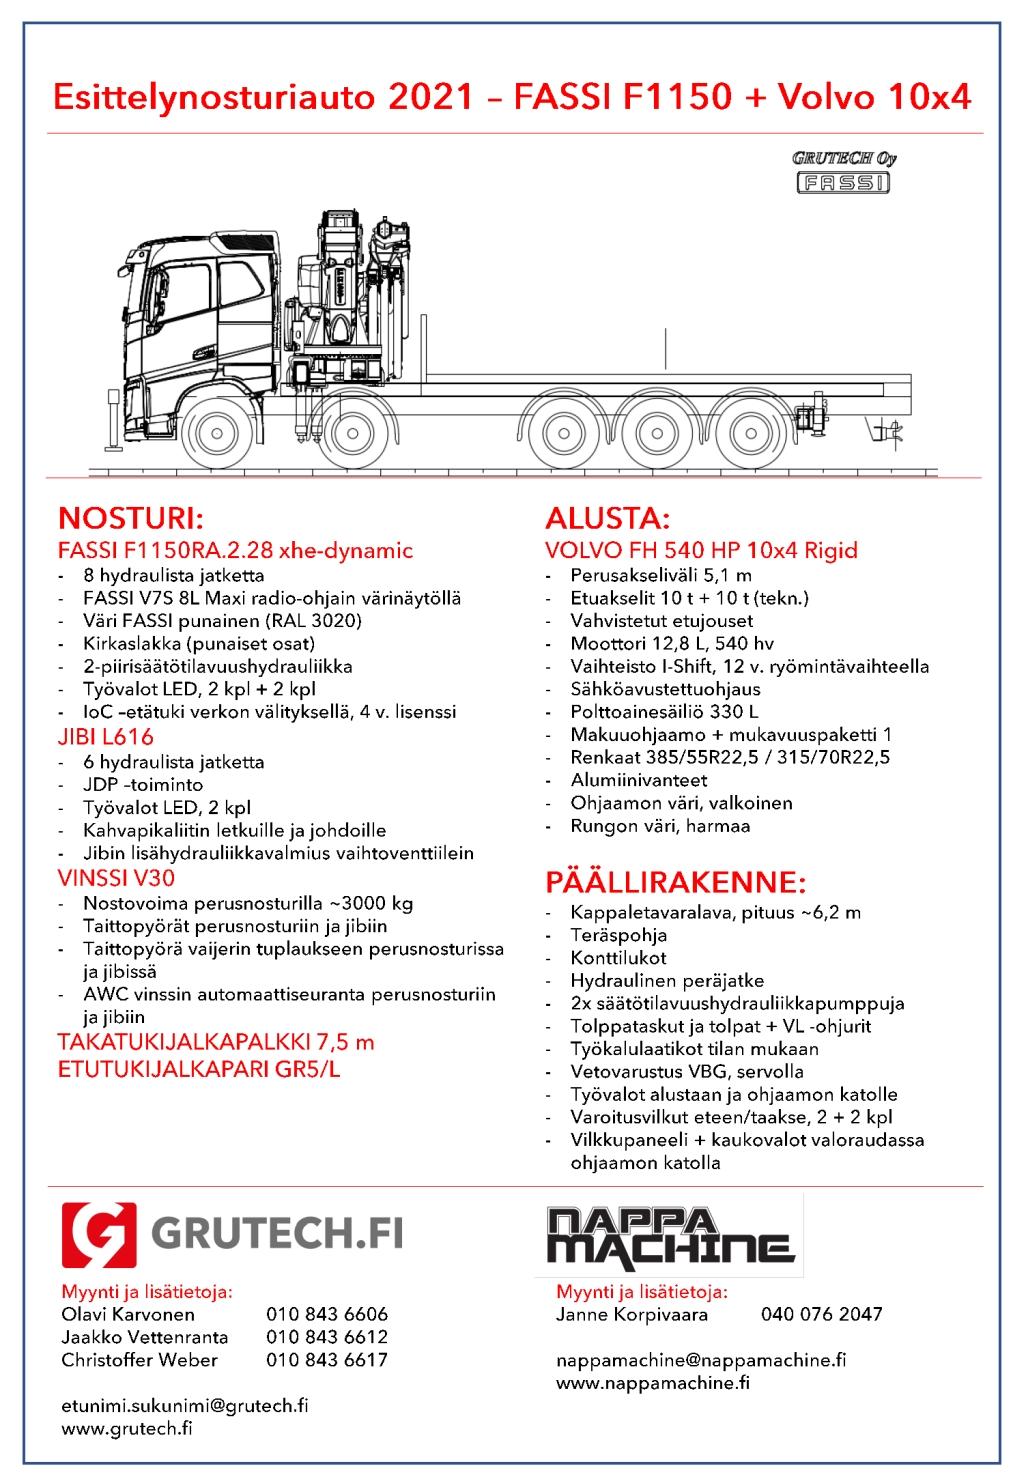 FASSI F1150-Volvo 10x4 -esittelyauto